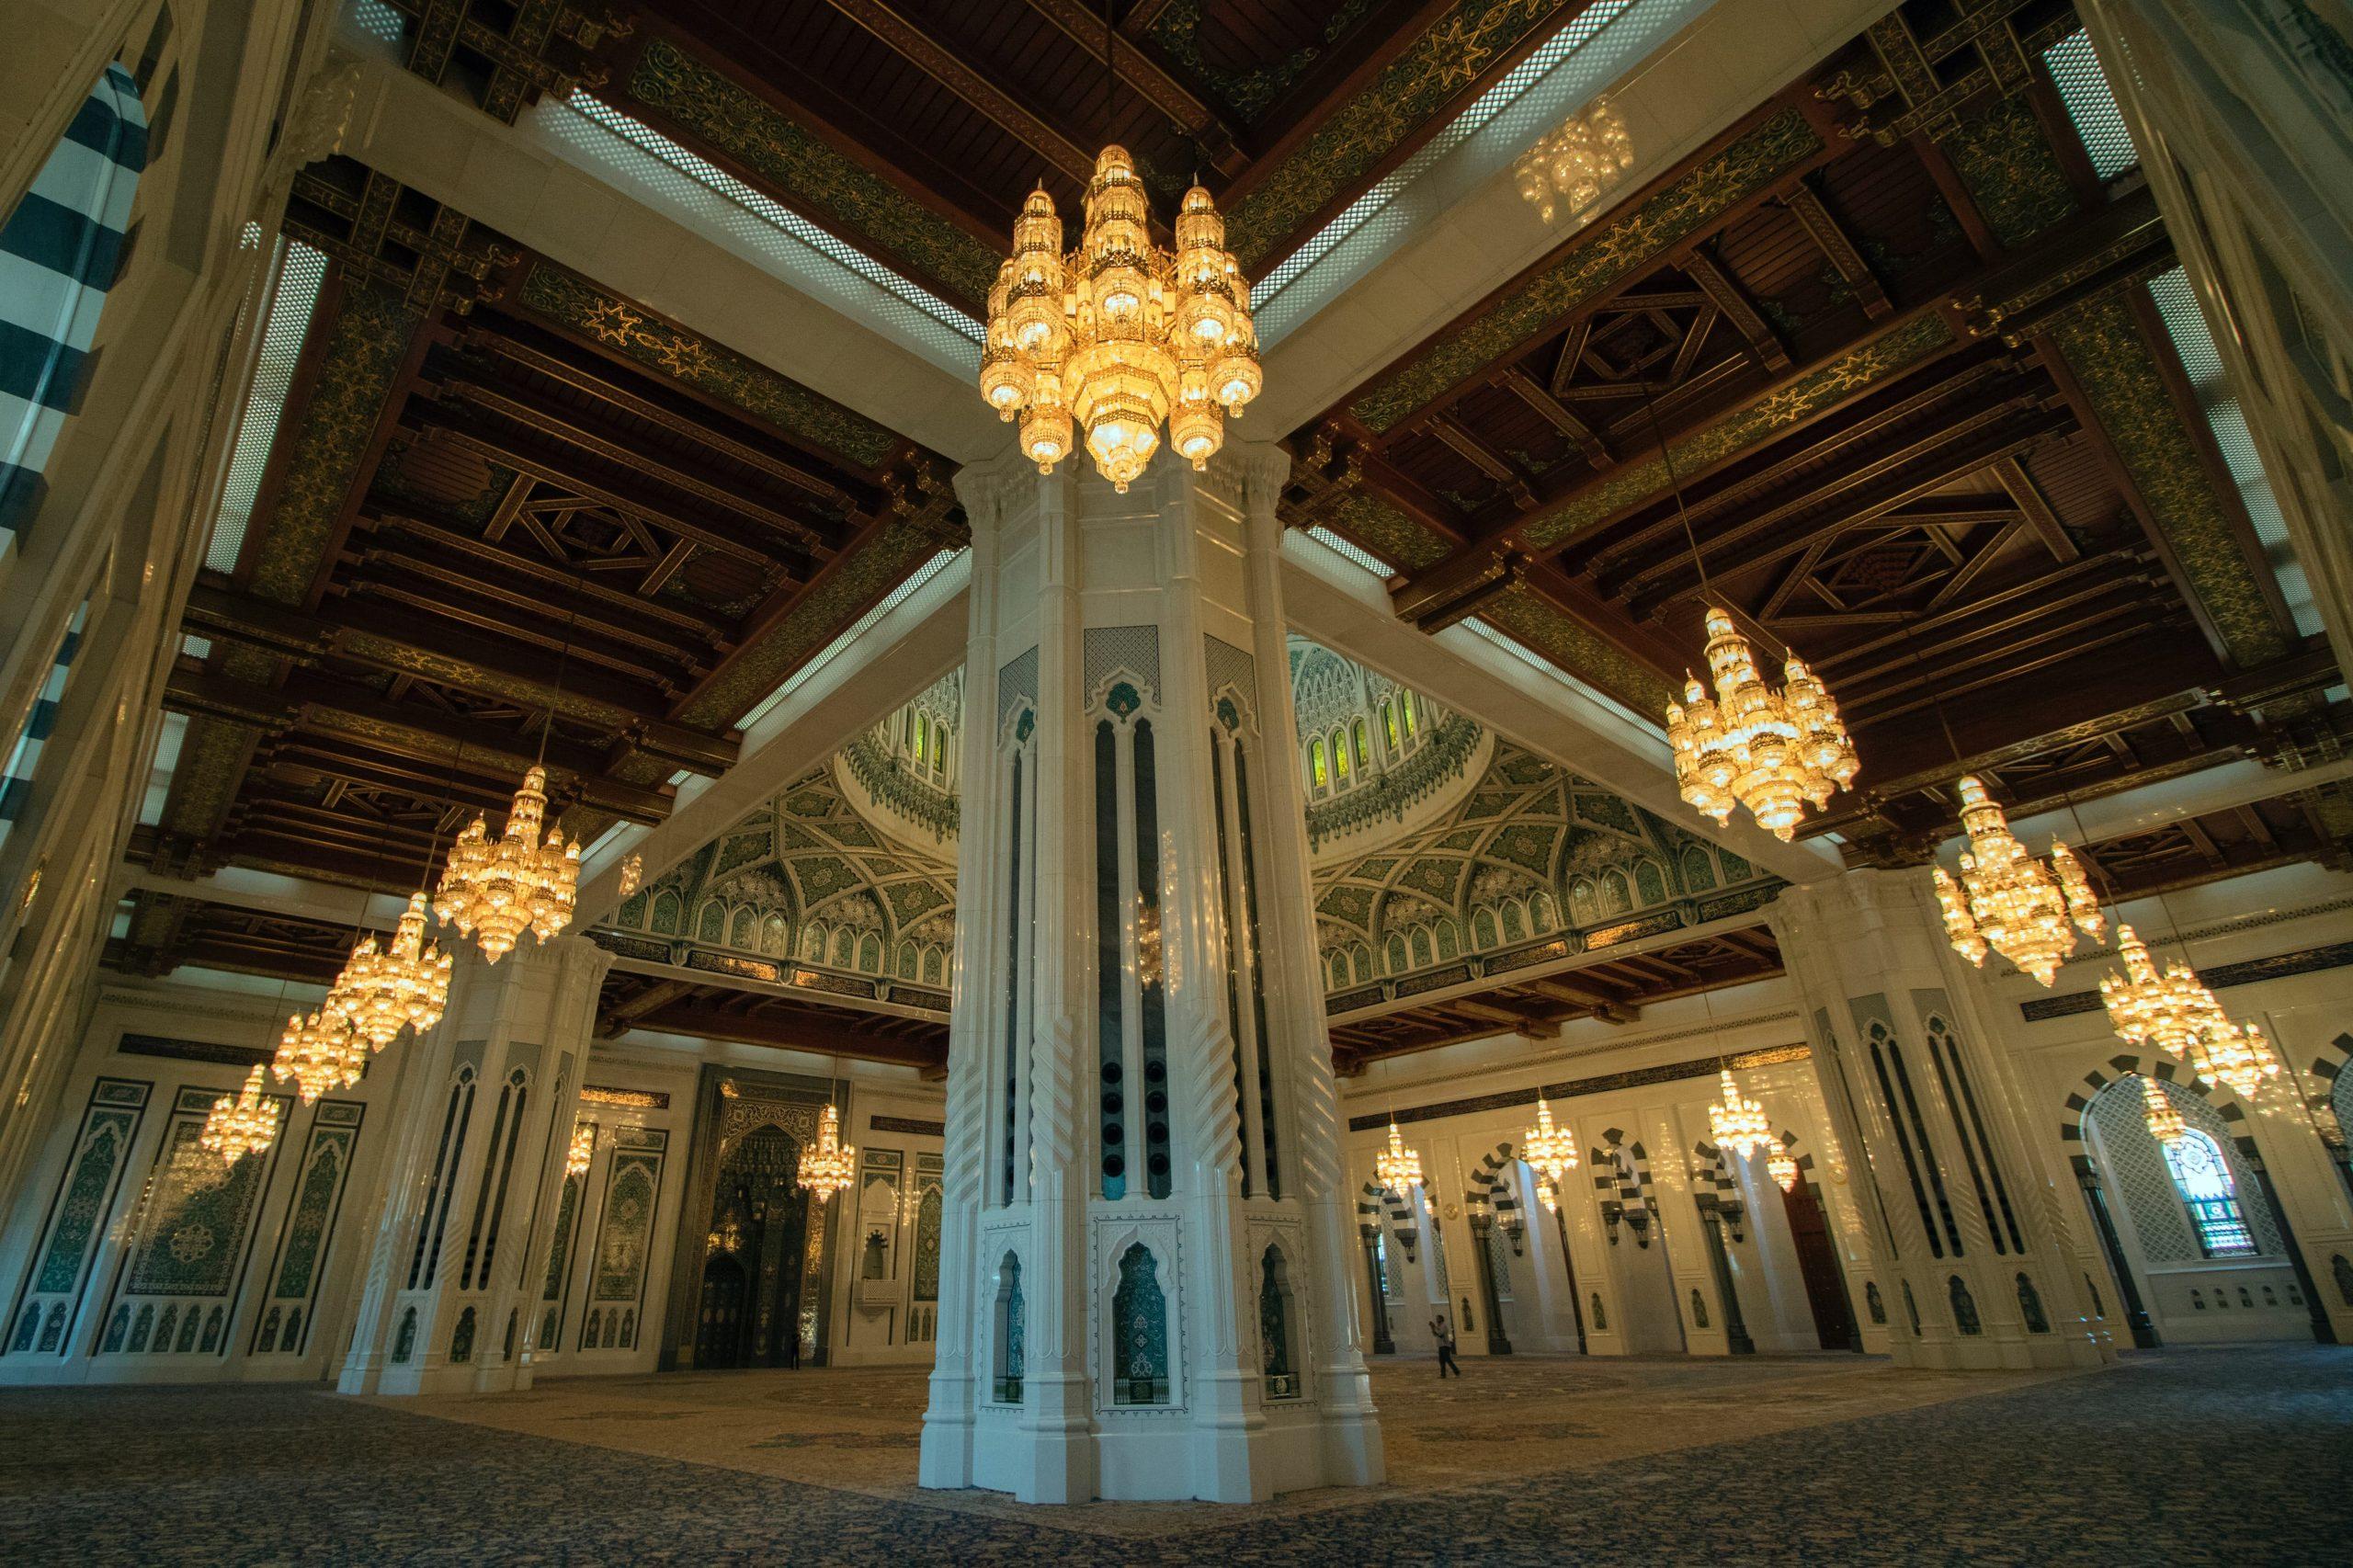 نمایی از شبستان و لوسترها و فرش زیبای مسجد سلطان قابوس عمان